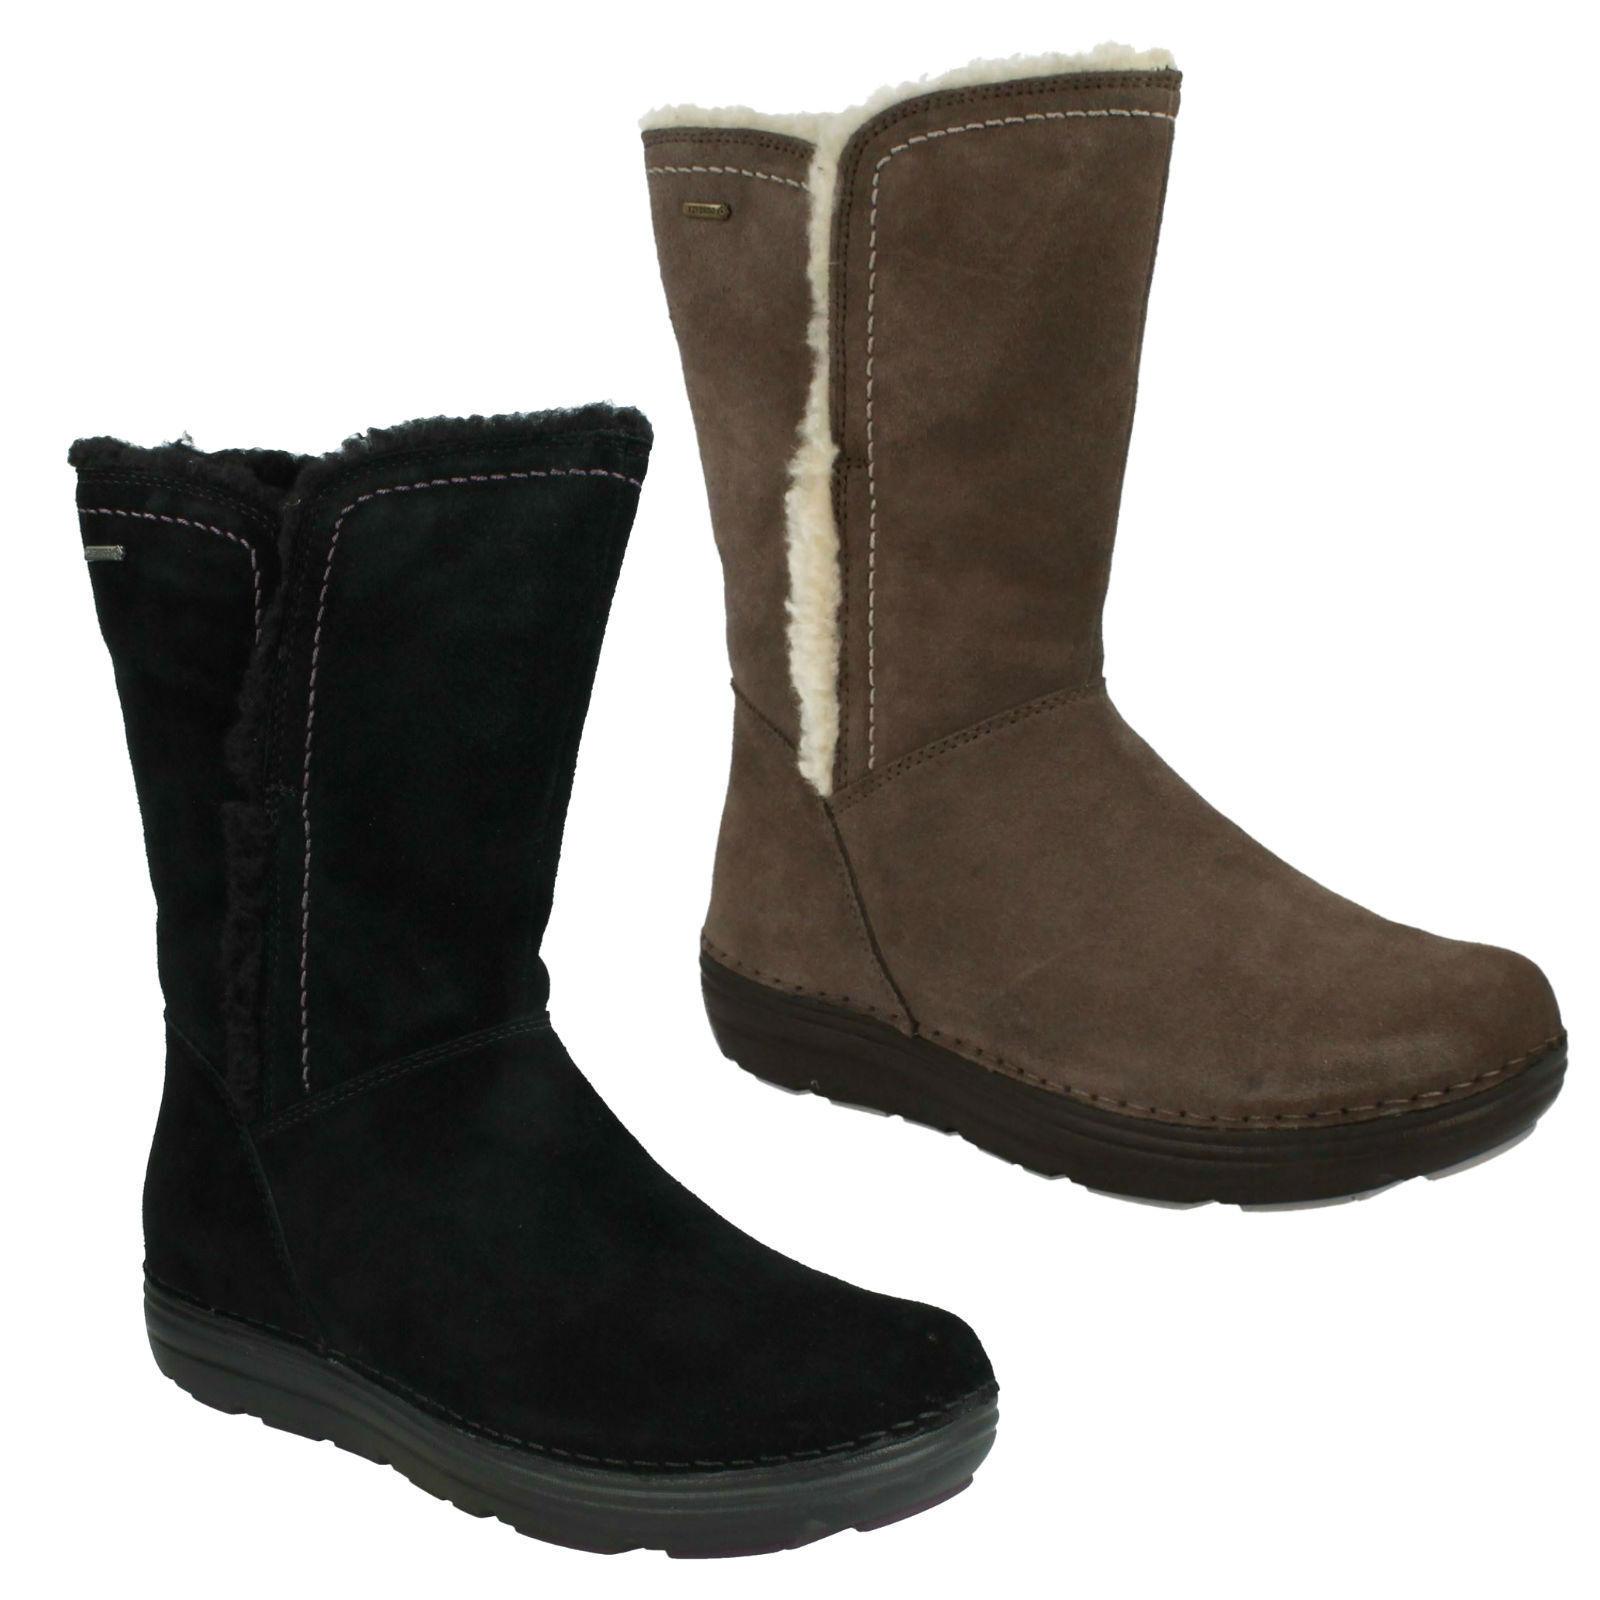 Nelia Net GTX Damas Clarks Gamuza Impermeable Cremallera Mitad de Pantorrilla Zapatos Botas De Invierno De Piel